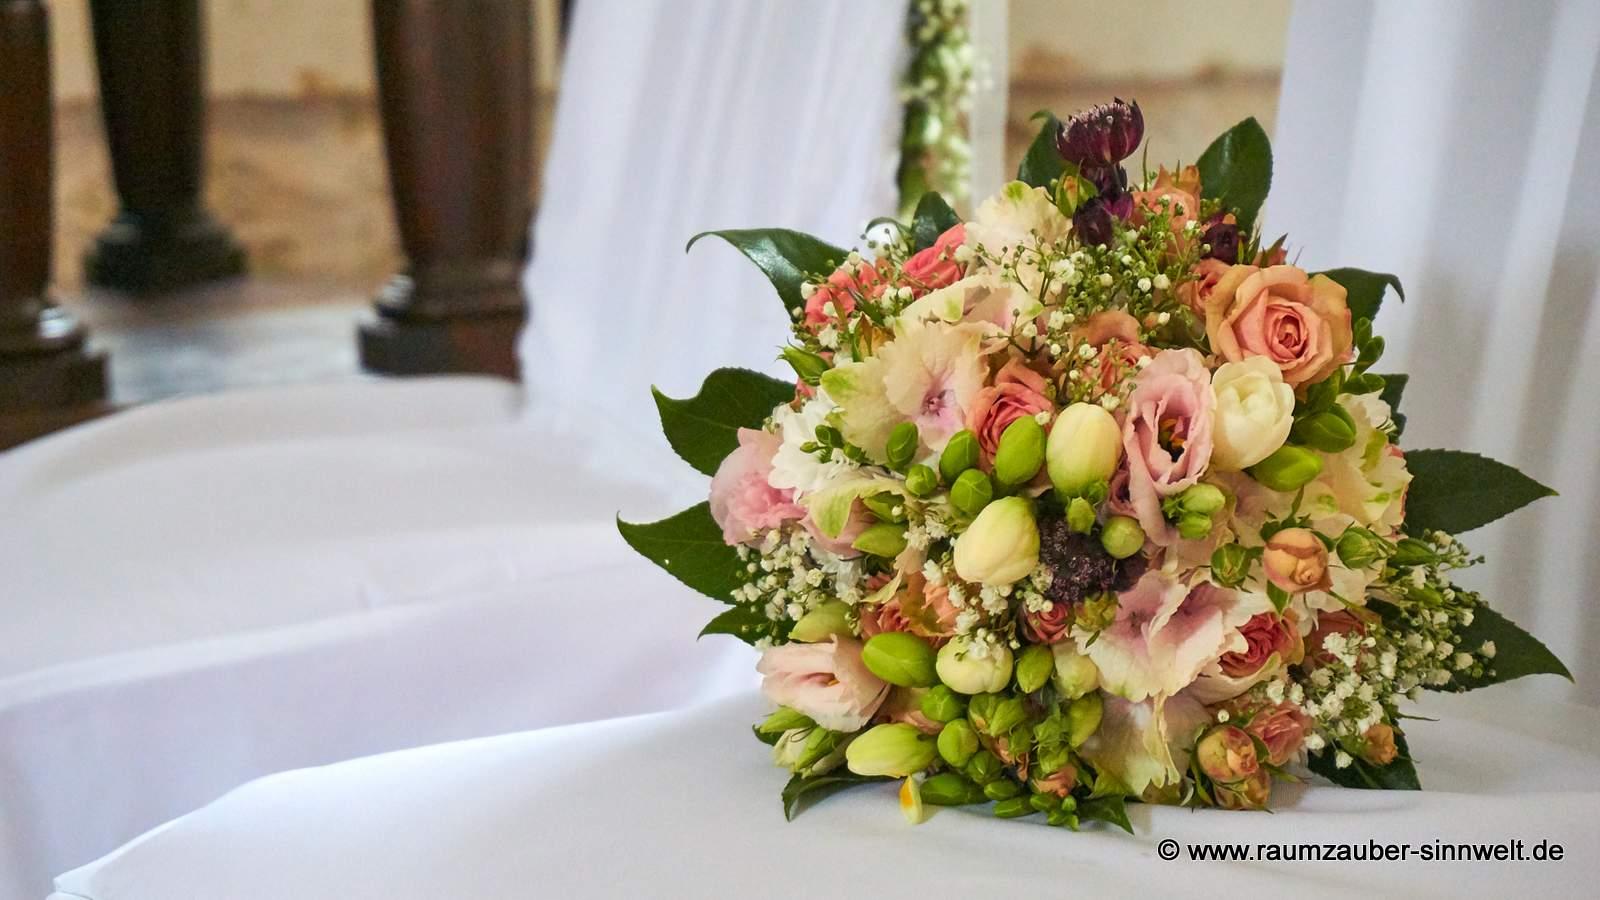 Brautstrauß aus Rosen, Freesien, Hortensie und Eustoma